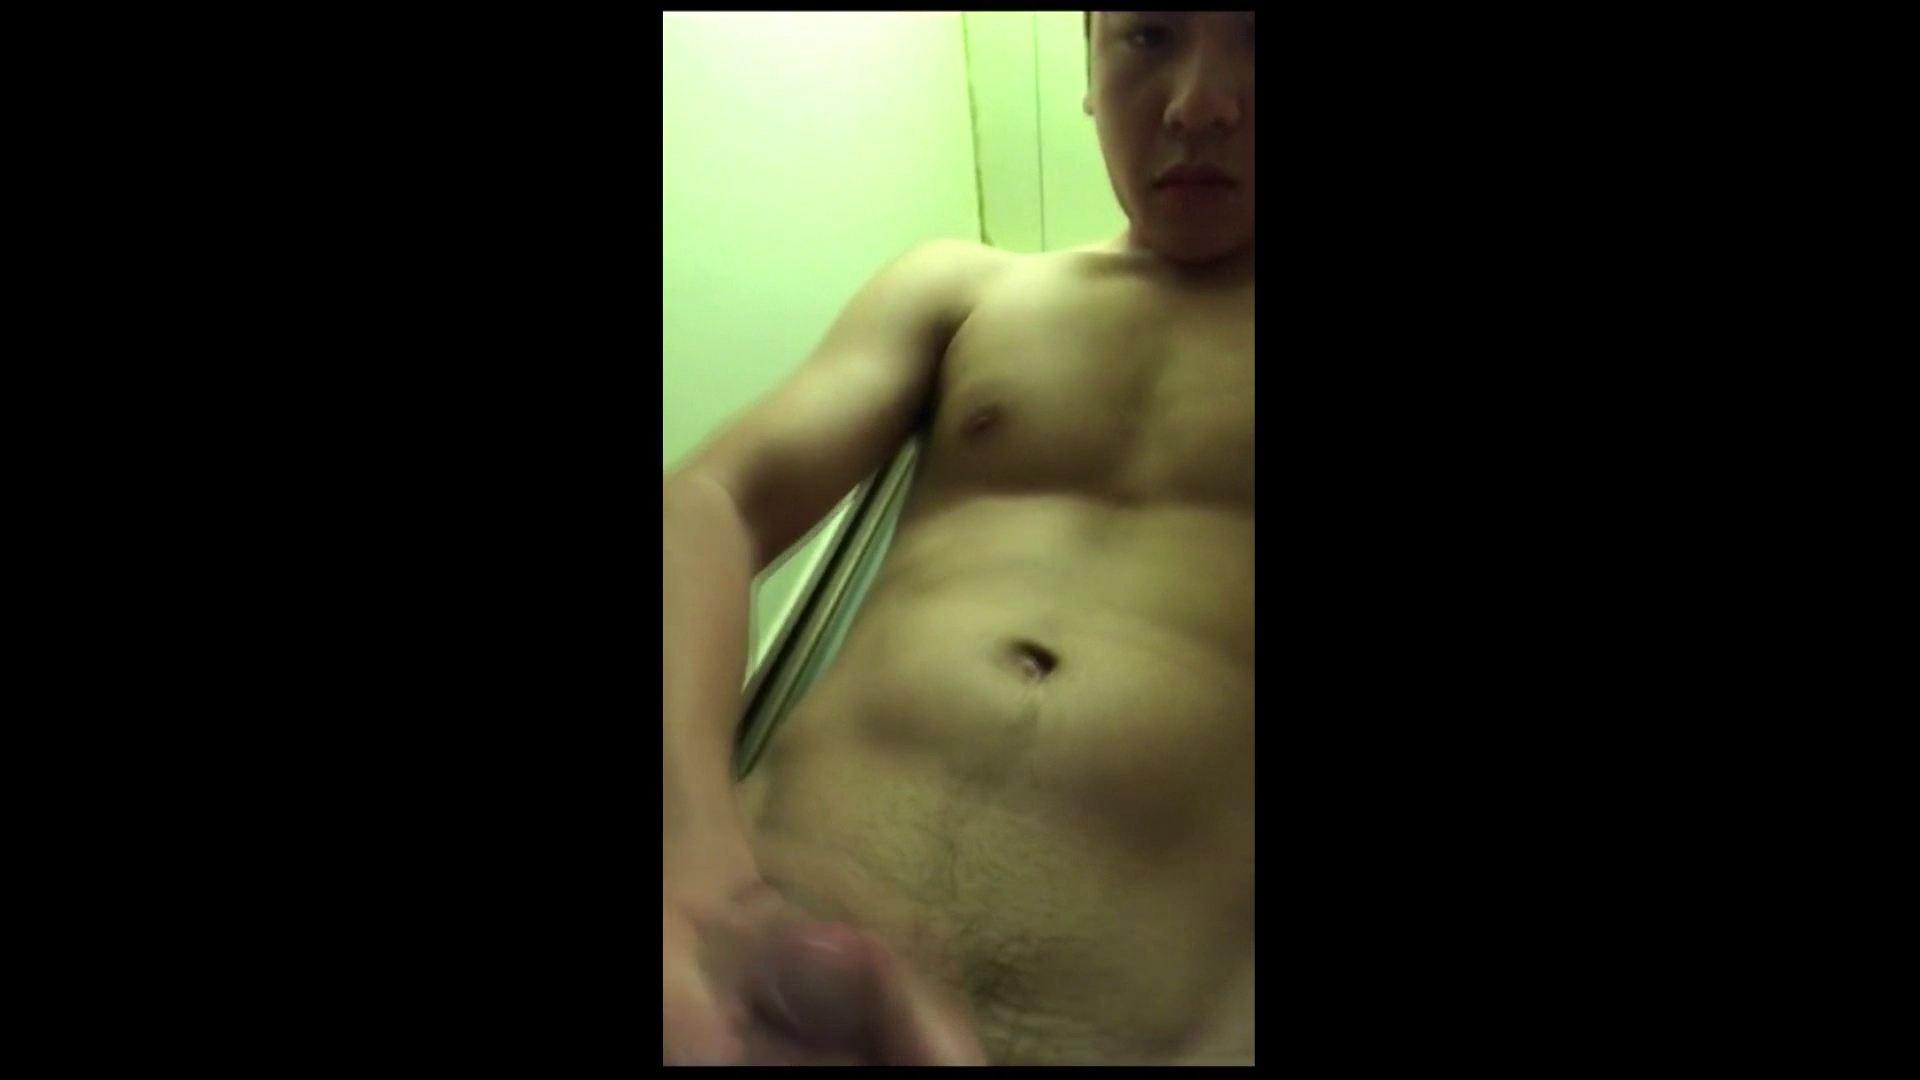 個人撮影 自慰の極意 Vol.2 オナニー  96pic 79